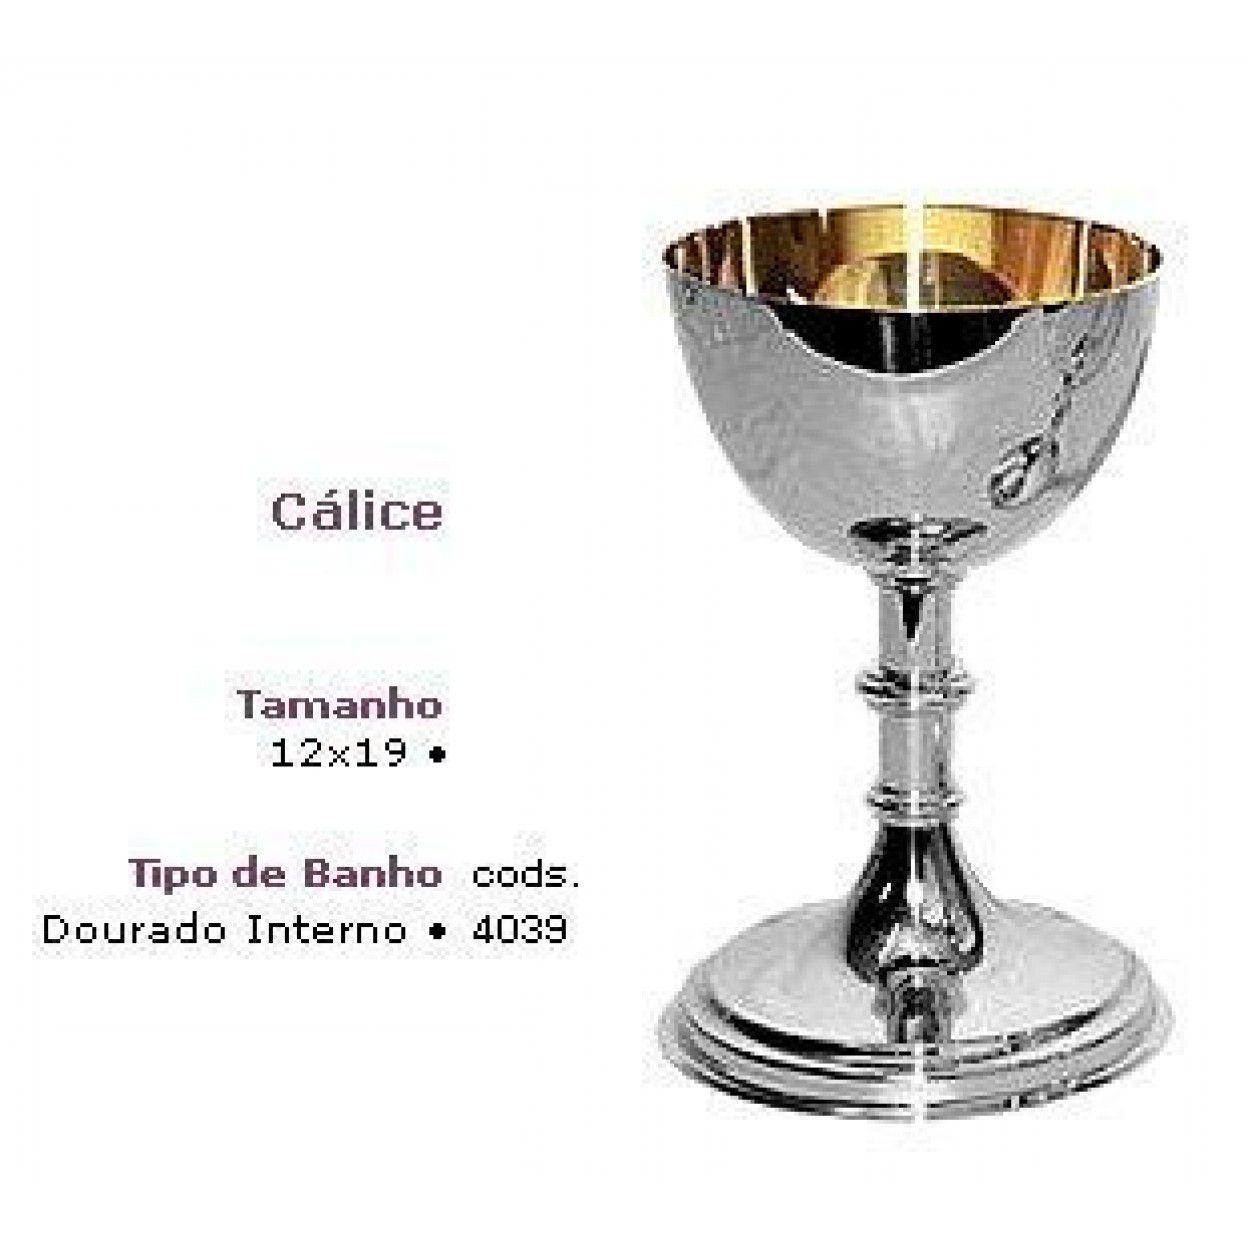 CÁLICE DOUR. INTERNO ALTO 4039 - 2020